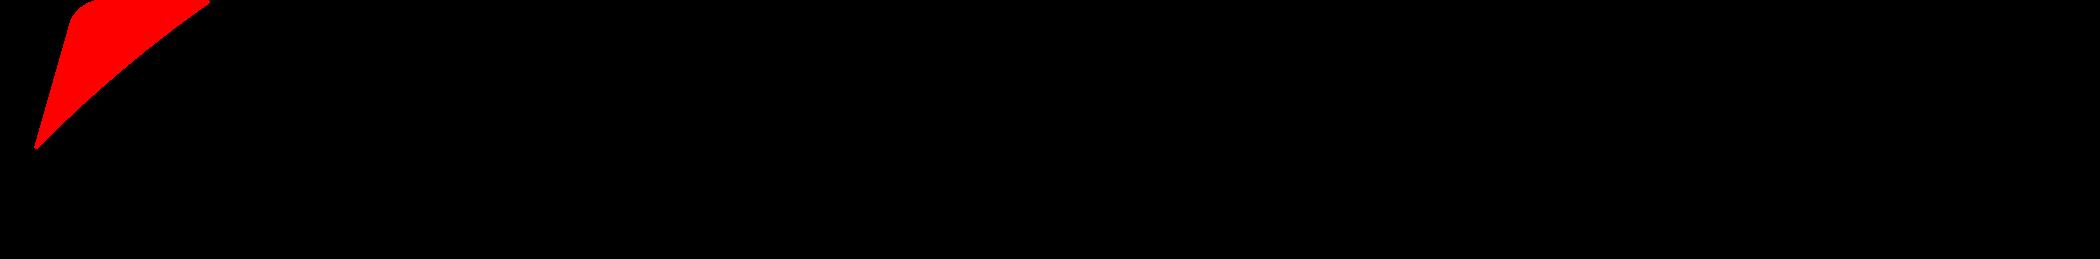 bridgestone logo 1 - Bridgestone Logo